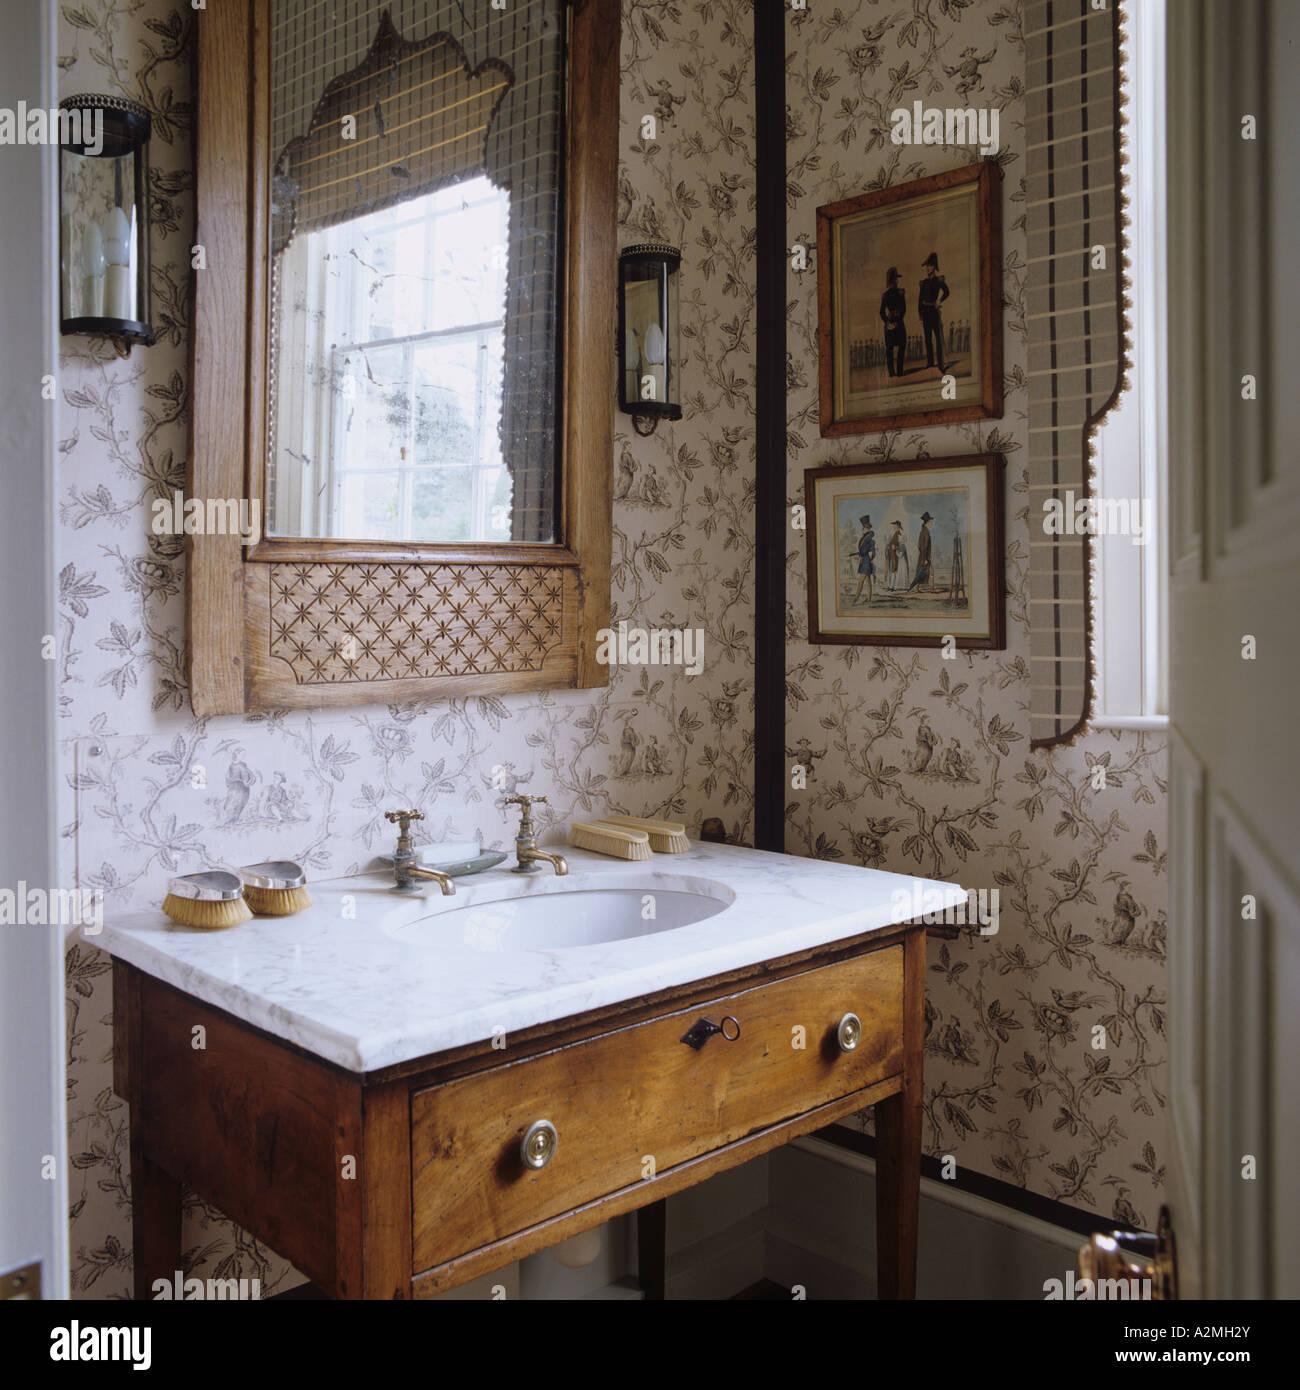 Lavandino Bagno In Inglese.Marmo Lavabo Nel Bagno Della Casa Inglese Di Campagna Foto